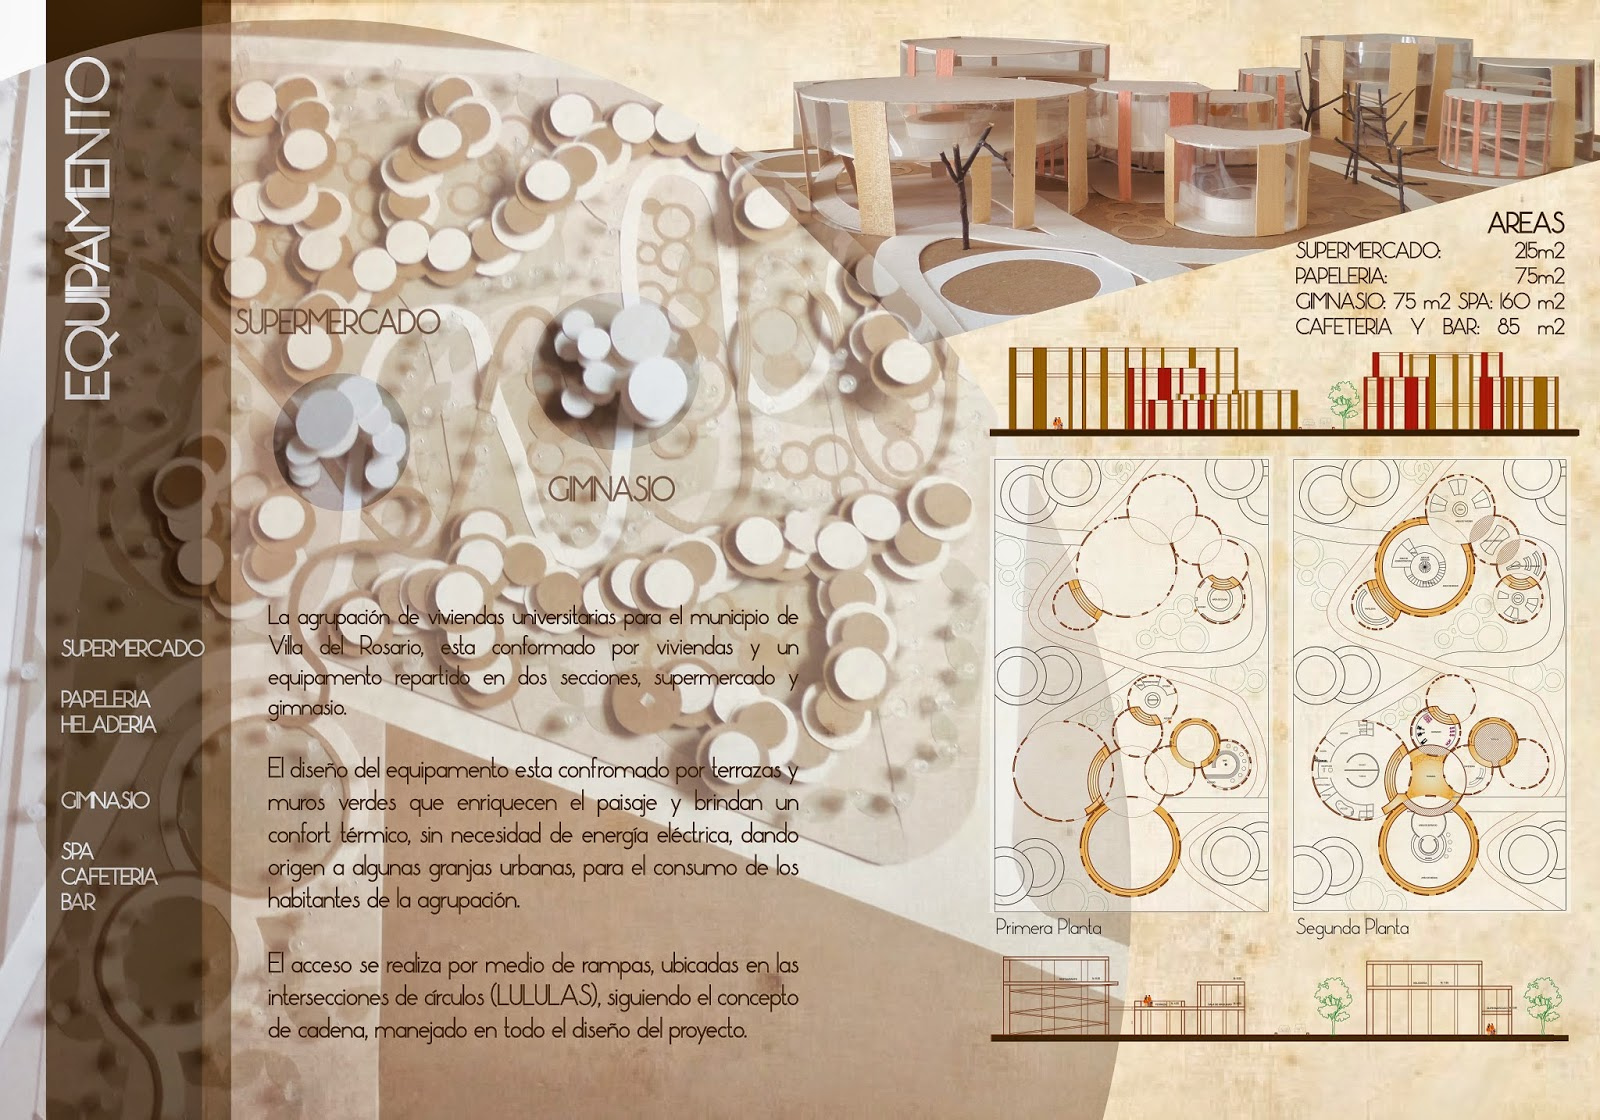 Taller De Diseño Iv Arquitectura Up Entrega Taller 4